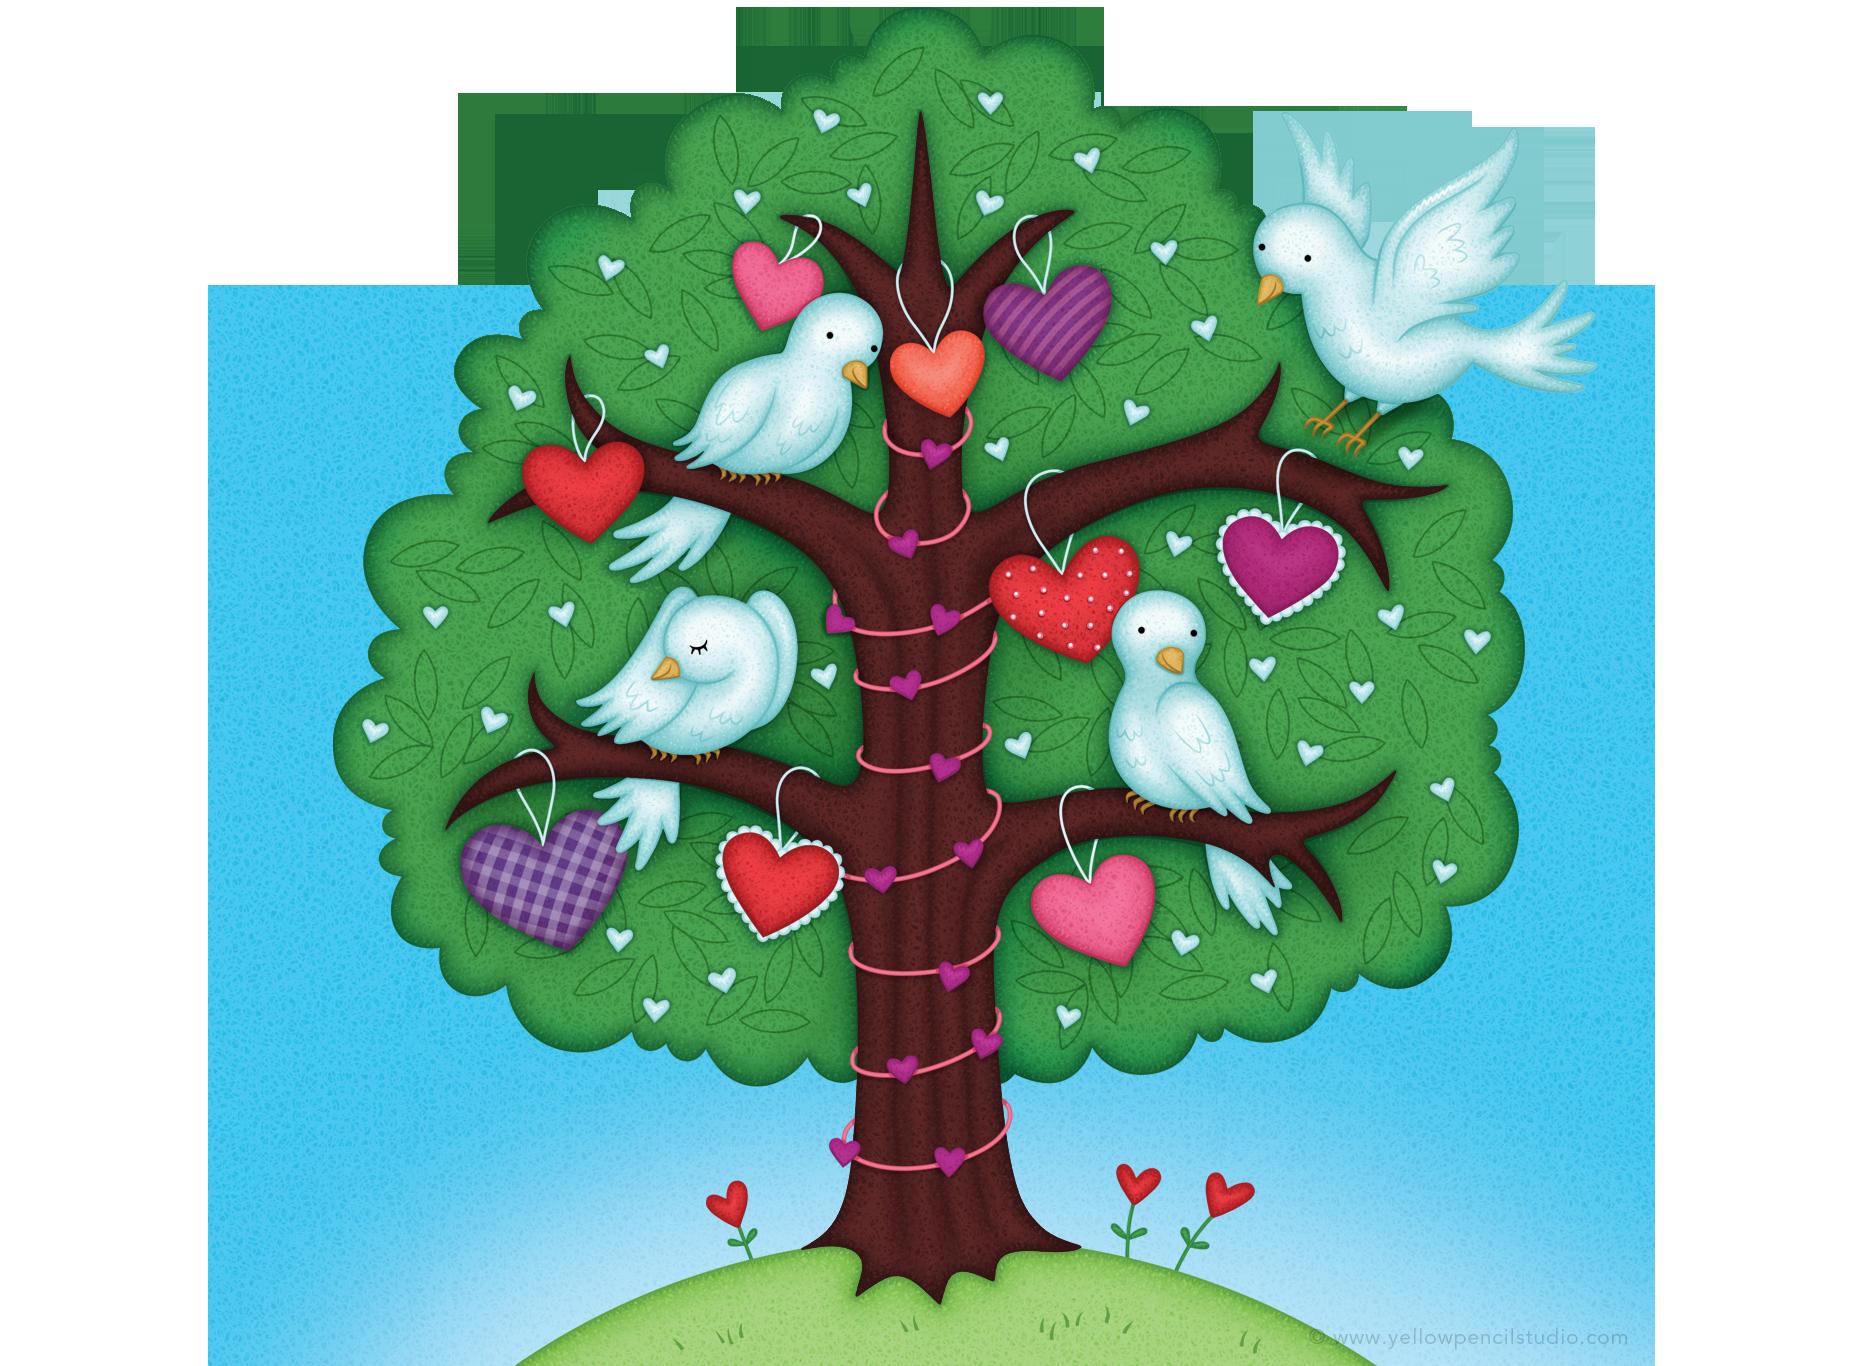 блестящую картинки дерево достижения плюсы отваливаются